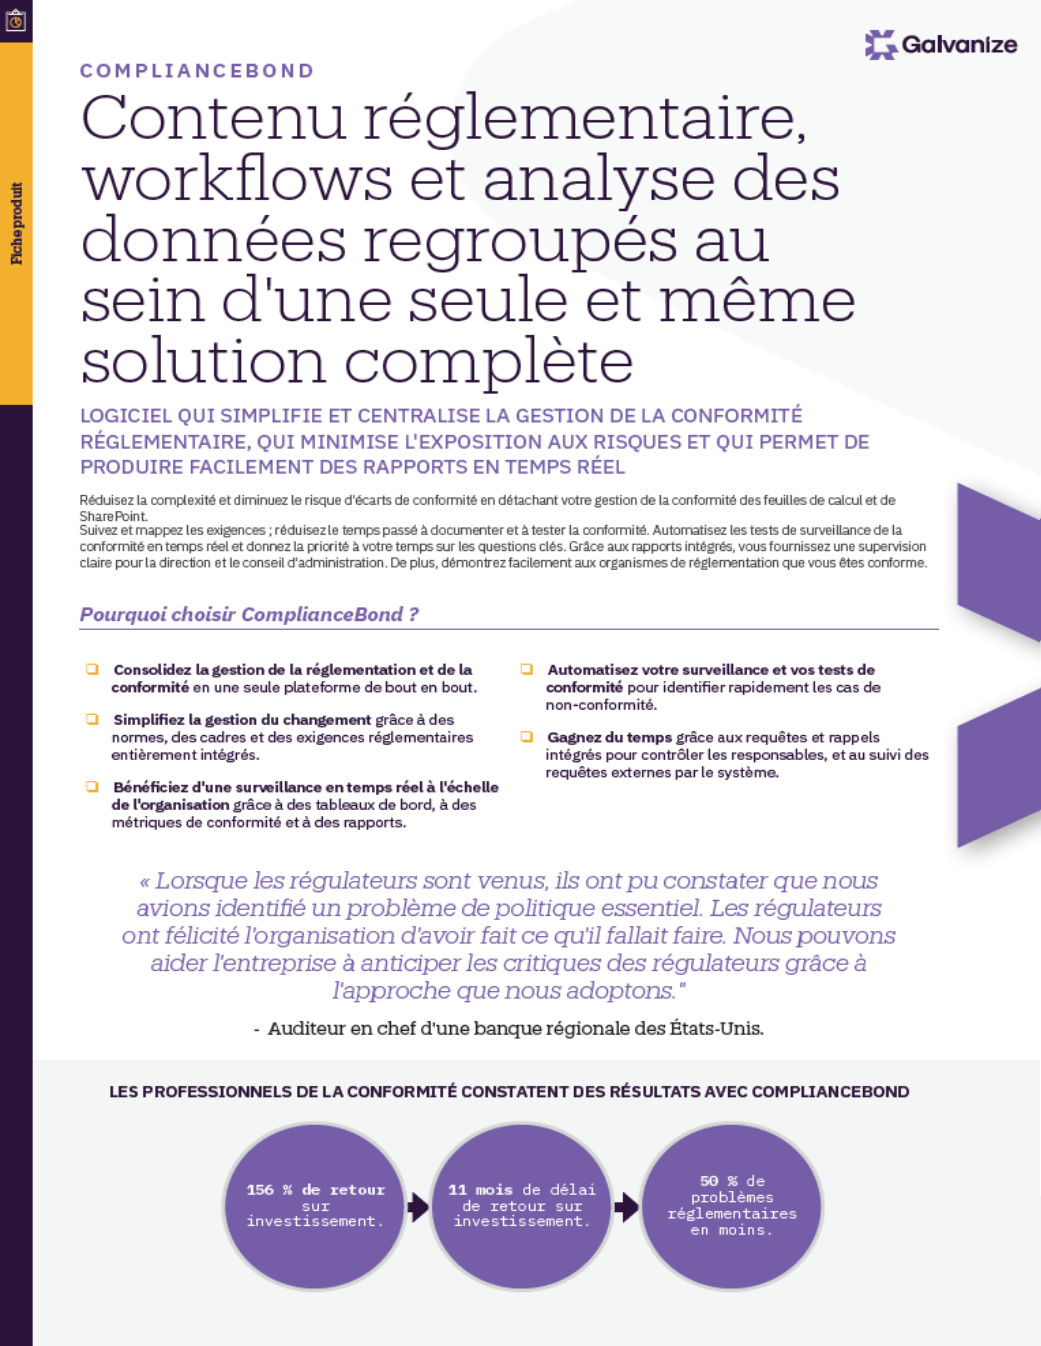 Contenu réglementaire, workflows et analyse des données regroupés au sein d'une seule et même solution complète